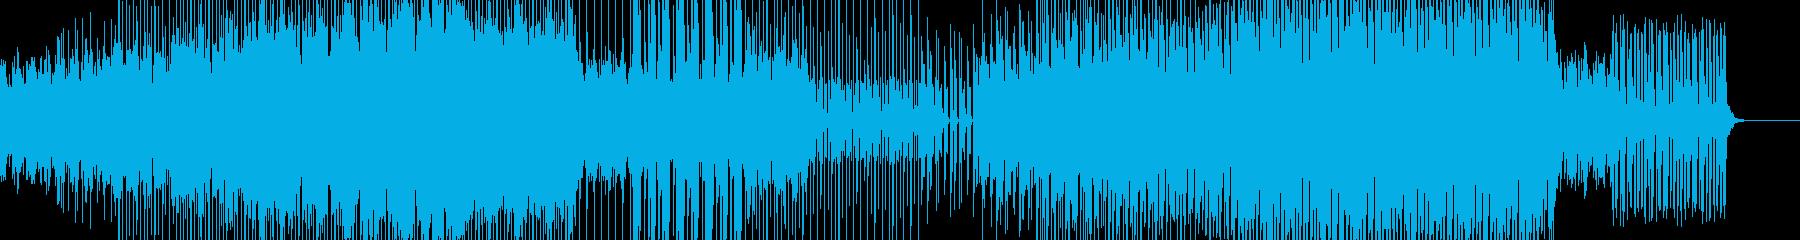 テクノ エレクトロ シューティングゲームの再生済みの波形